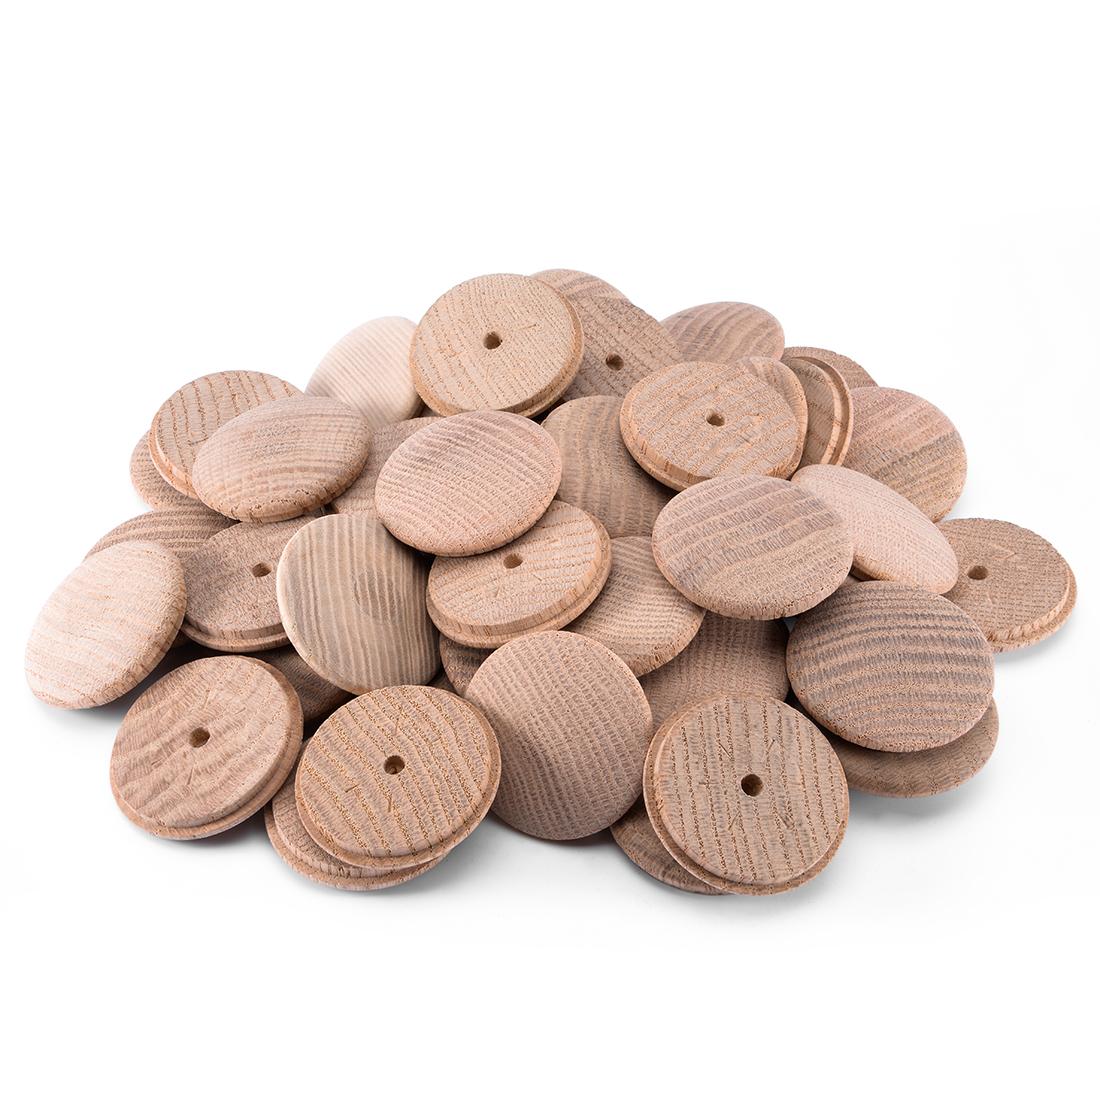 45mm 1-4/5 Inch Dia Red Oak Wood Furniture Button Top 50pcs